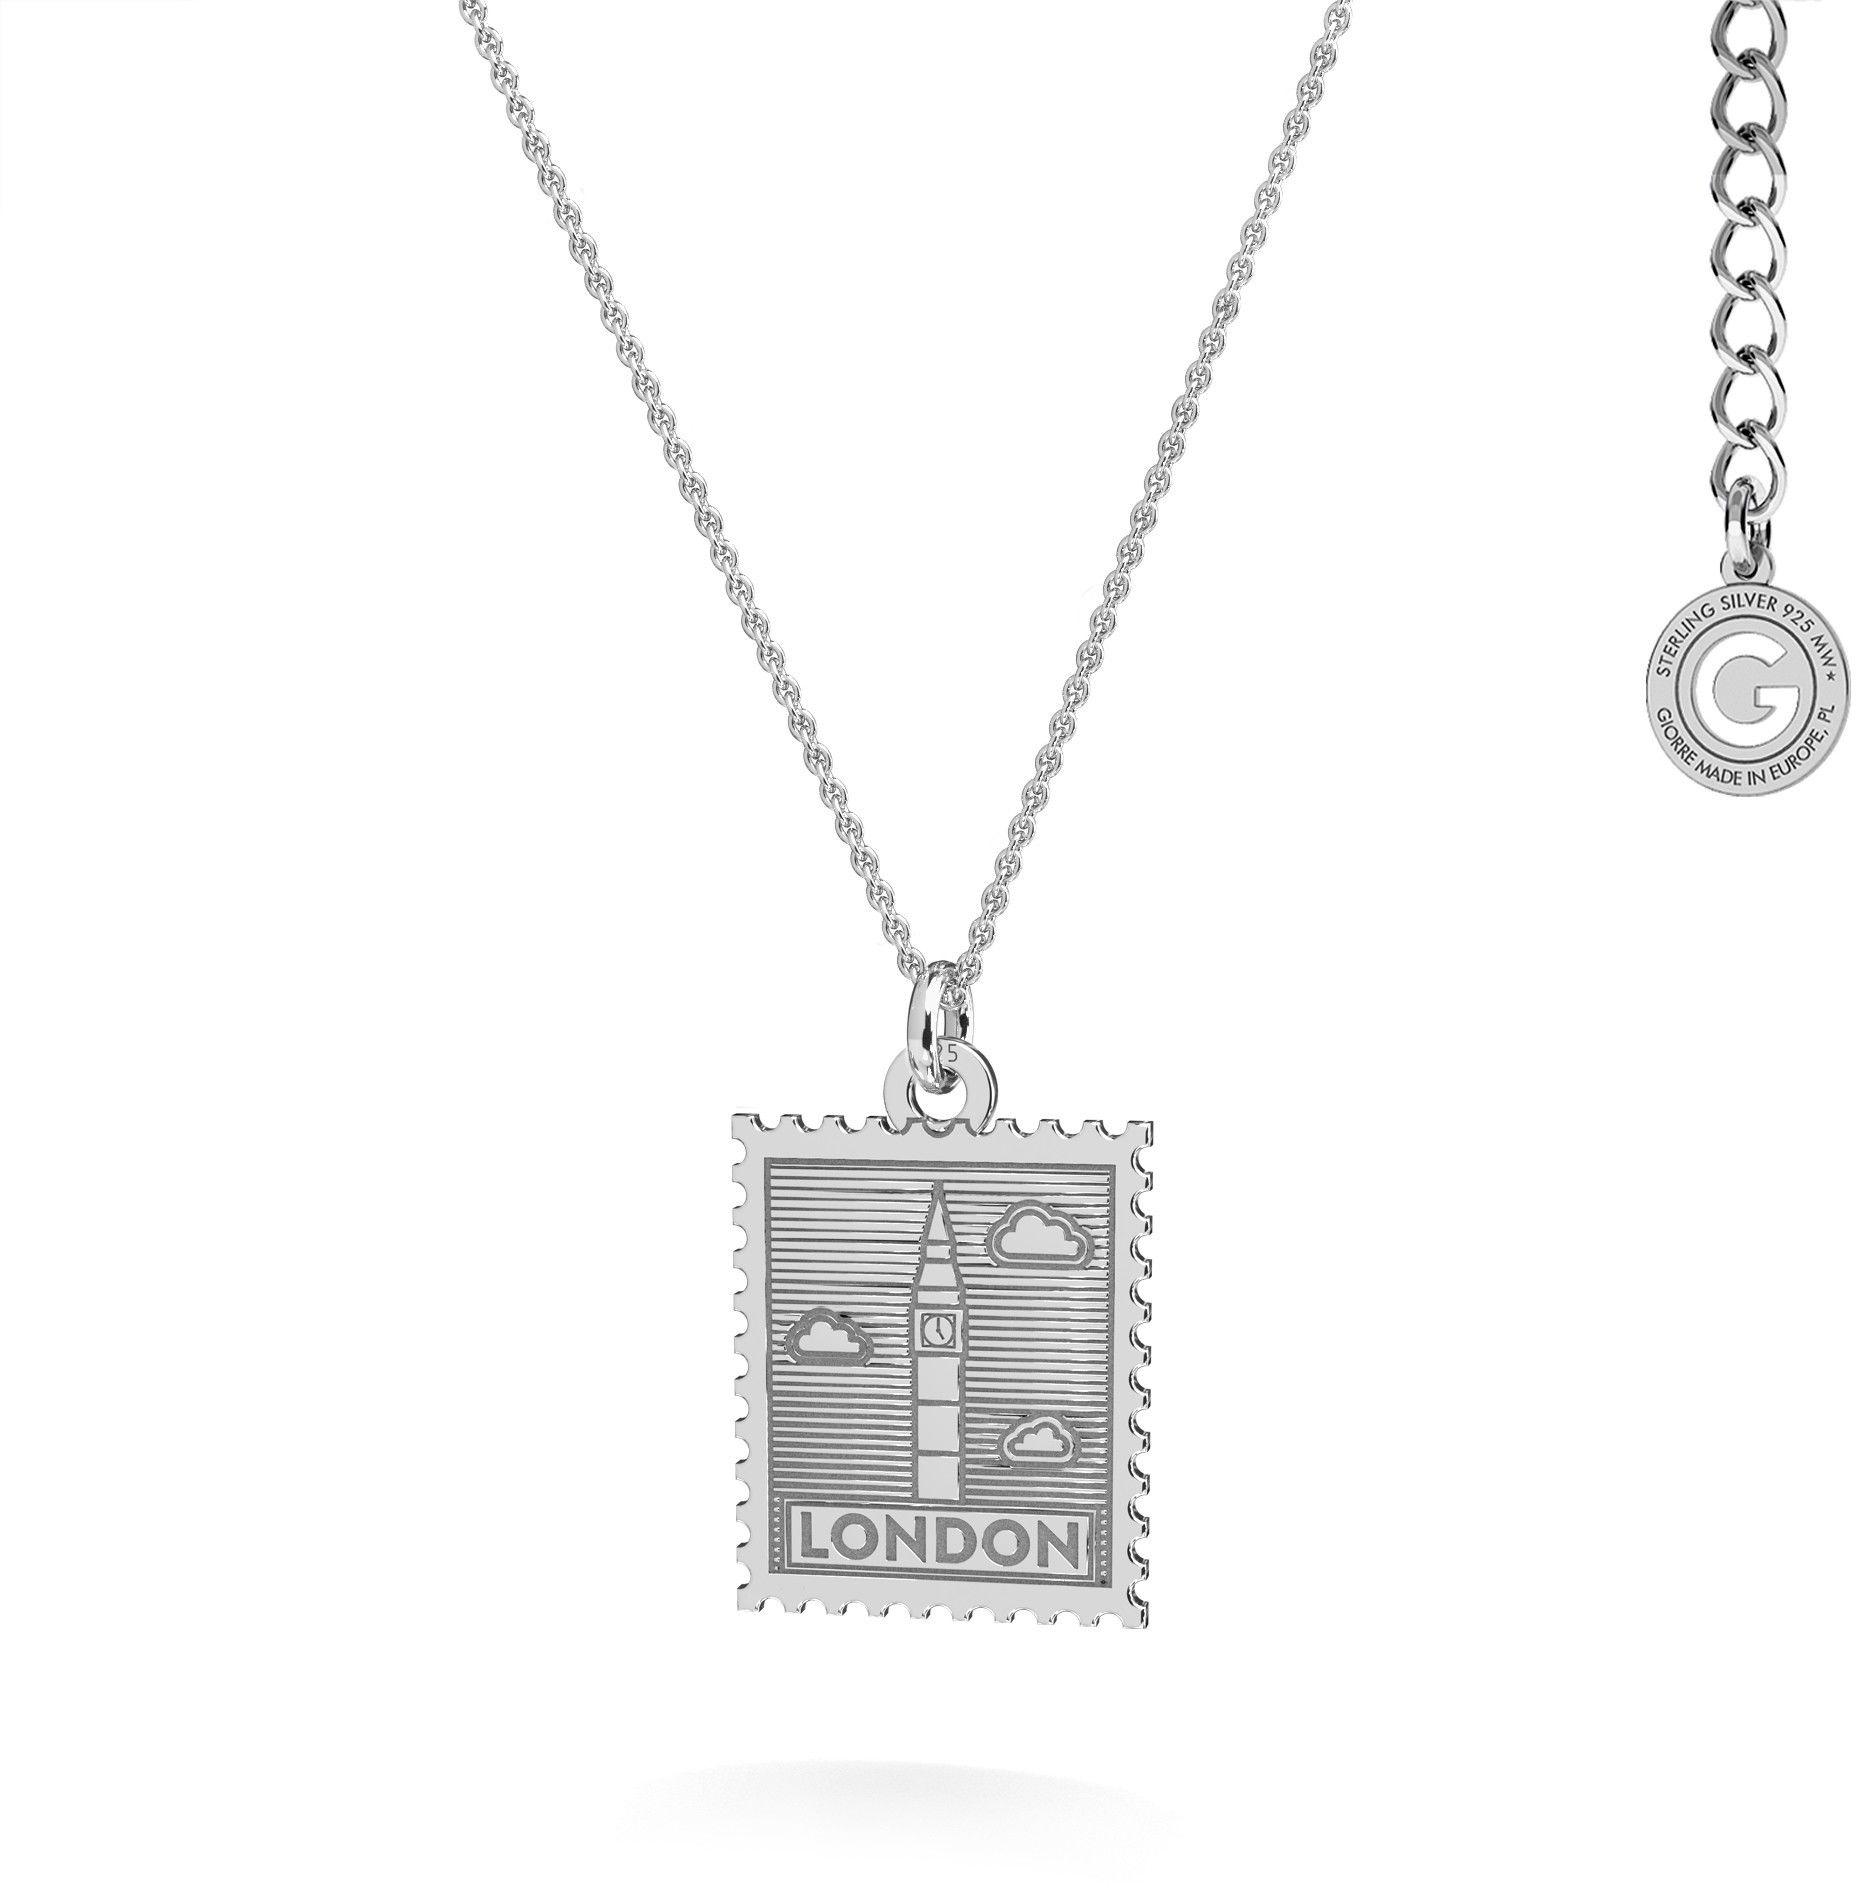 Srebrny naszyjnik znaczek pocztowy z Londynu, srebro 925 : Srebro - kolor pokrycia - Pokrycie platyną